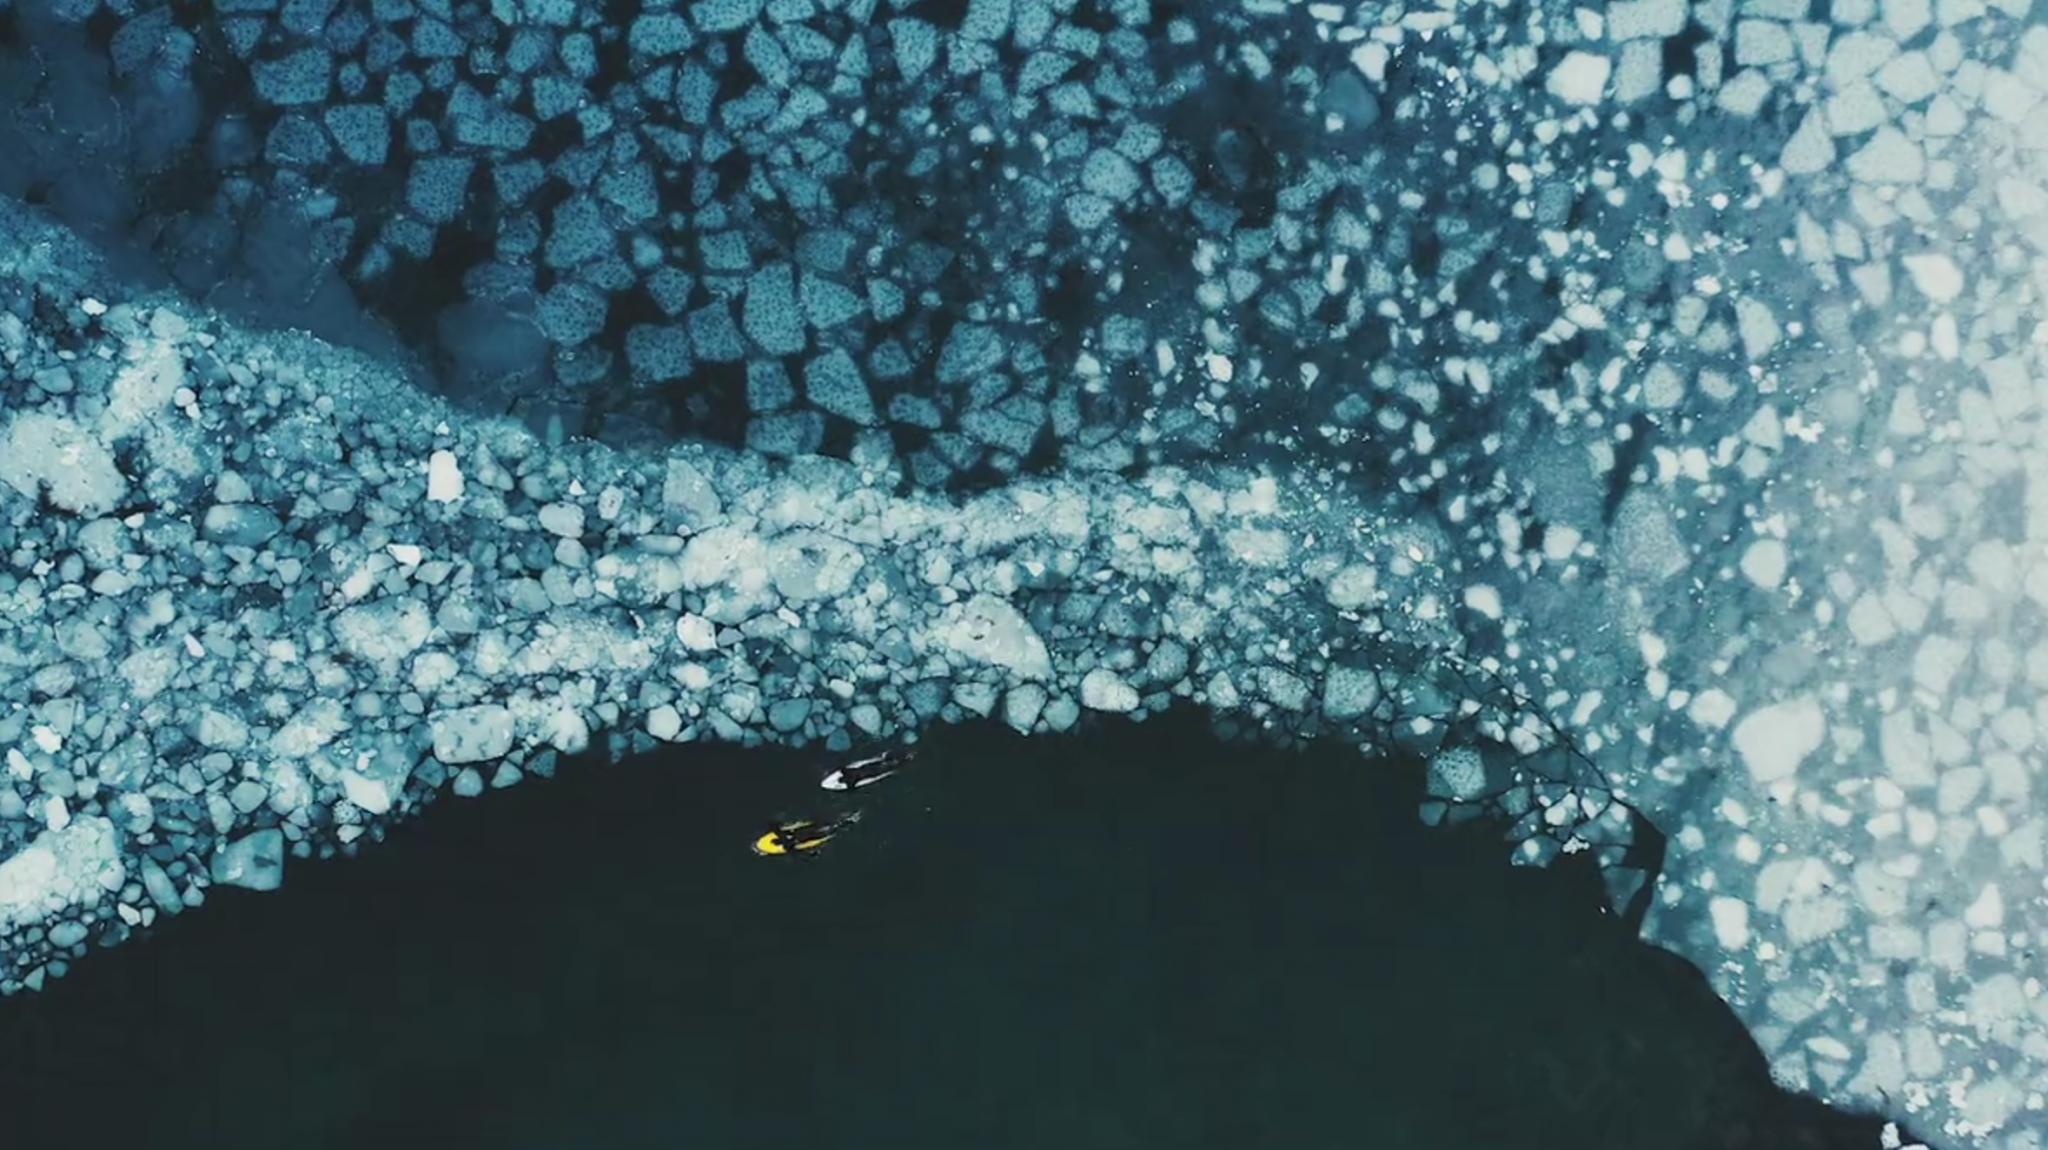 expédition,norvège,lofoten,polaire,nuit,snowboard,surf,mathieu crepel,damien castera